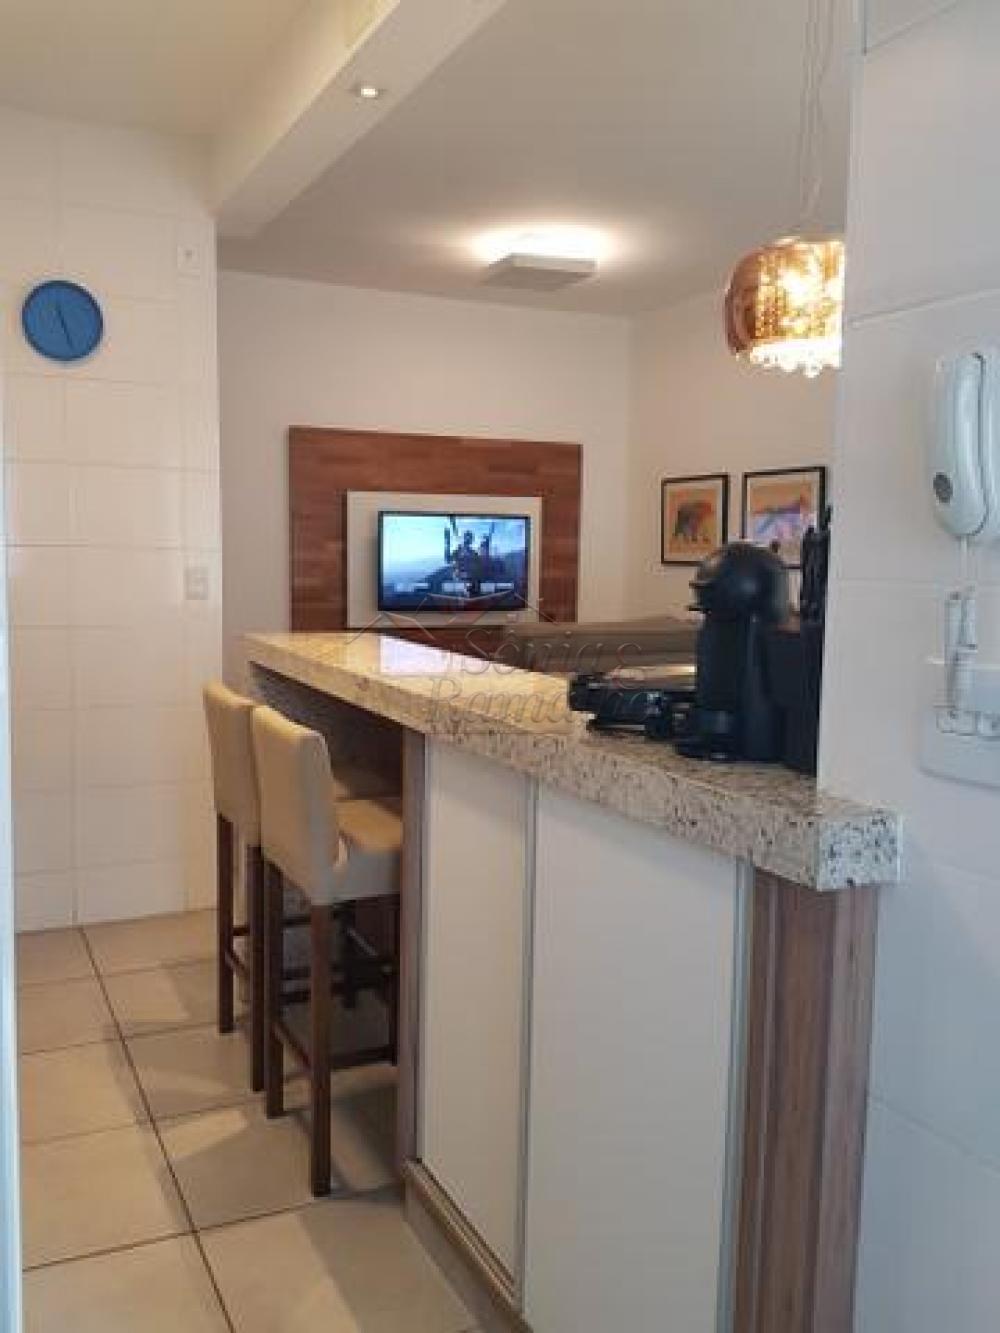 Comprar Apartamentos / Padrão em Ribeirão Preto apenas R$ 300.000,00 - Foto 5